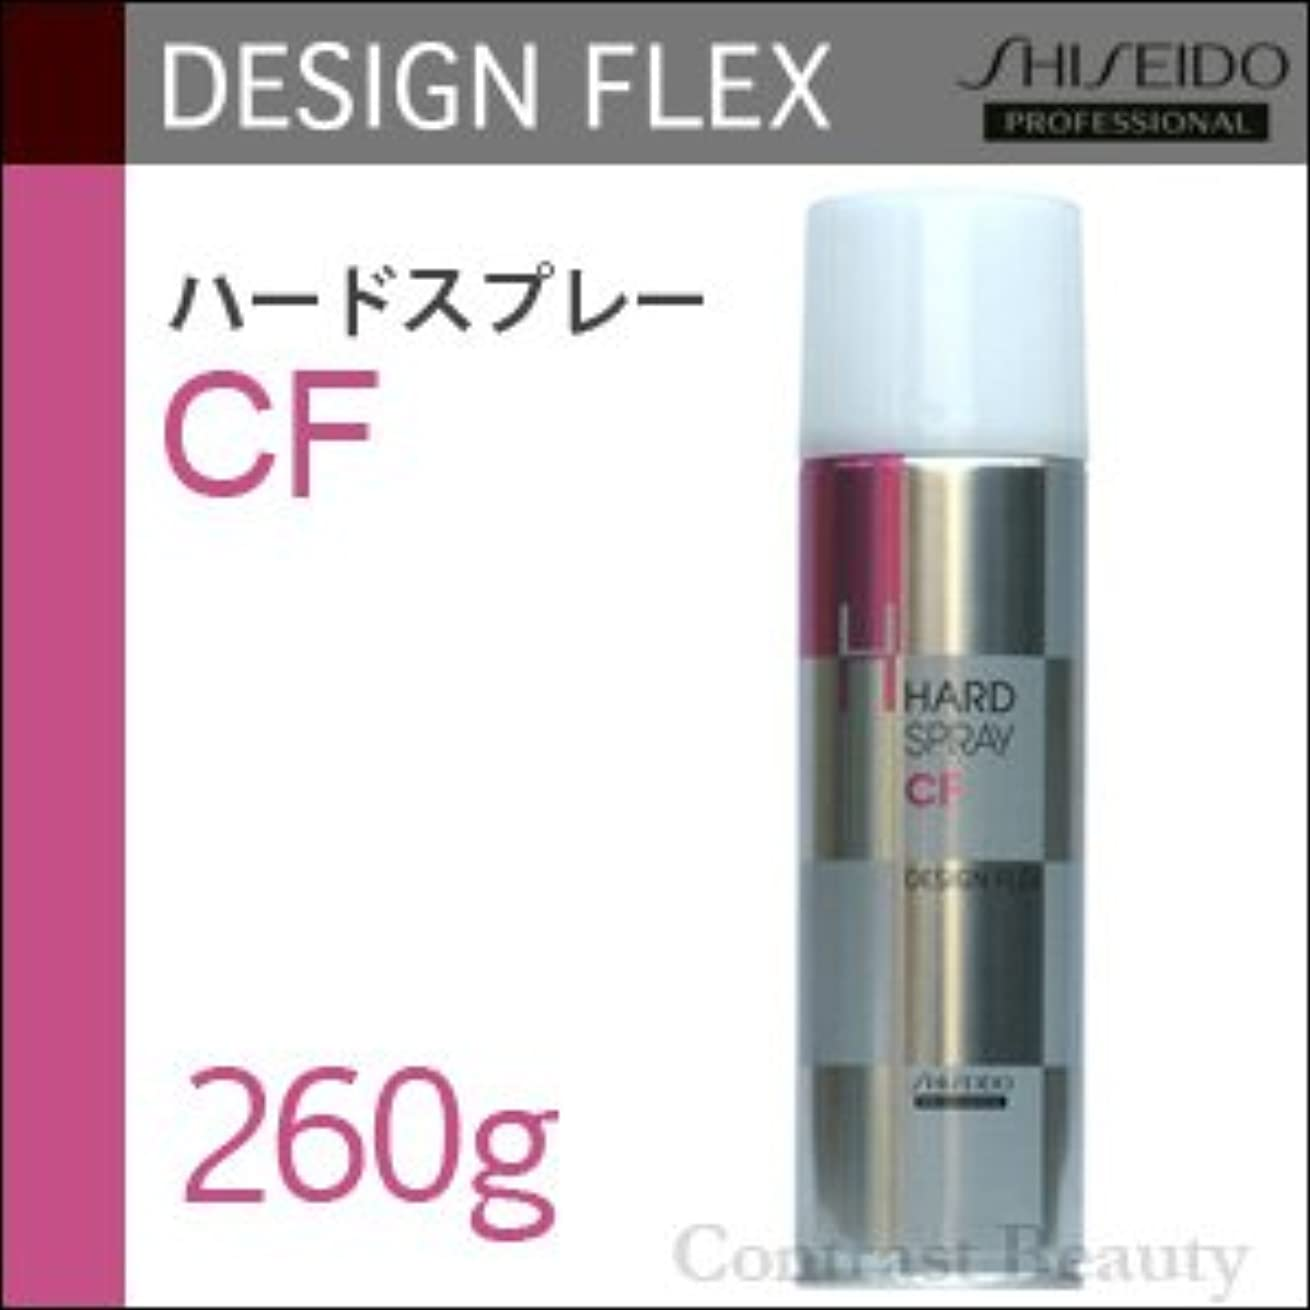 核曲がった教育者【x3個セット】 資生堂 デザインフレックス ハードスプレーCF 260g